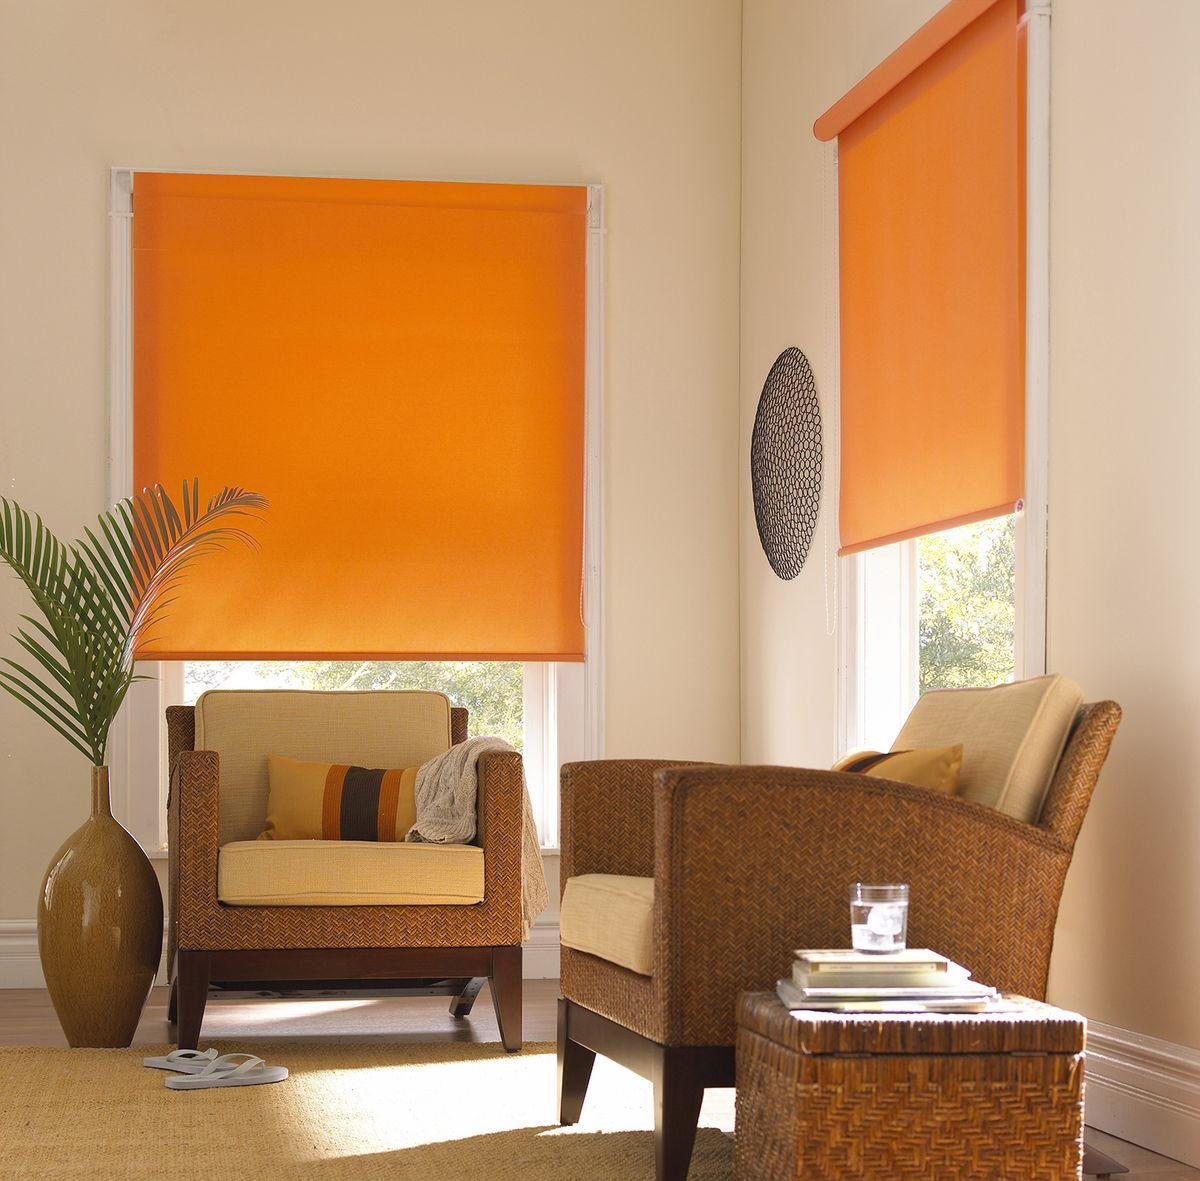 Штора рулонная Эскар Миниролло. Однотонные, цвет: апельсин, ширина 43 см, высота 170 см31203043170Рулонная штора Эскар Миниролло выполнена из высокопрочной ткани,которая сохраняет свой размер даже при намокании. Ткань не выцветает иобладает отличной цветоустойчивостью.Миниролло - это подвид рулонных штор, который закрывает не весь оконныйпроем, а непосредственно само стекло. Такие шторы крепятся на раму безсверления при помощи зажимов или клейкой двухсторонней ленты (в комплекте).Окно остаетсяна гарантии, благодаря монтажу без сверления.Такая штора станет прекрасным элементом декора окна и гармонично впишется винтерьер любого помещения.